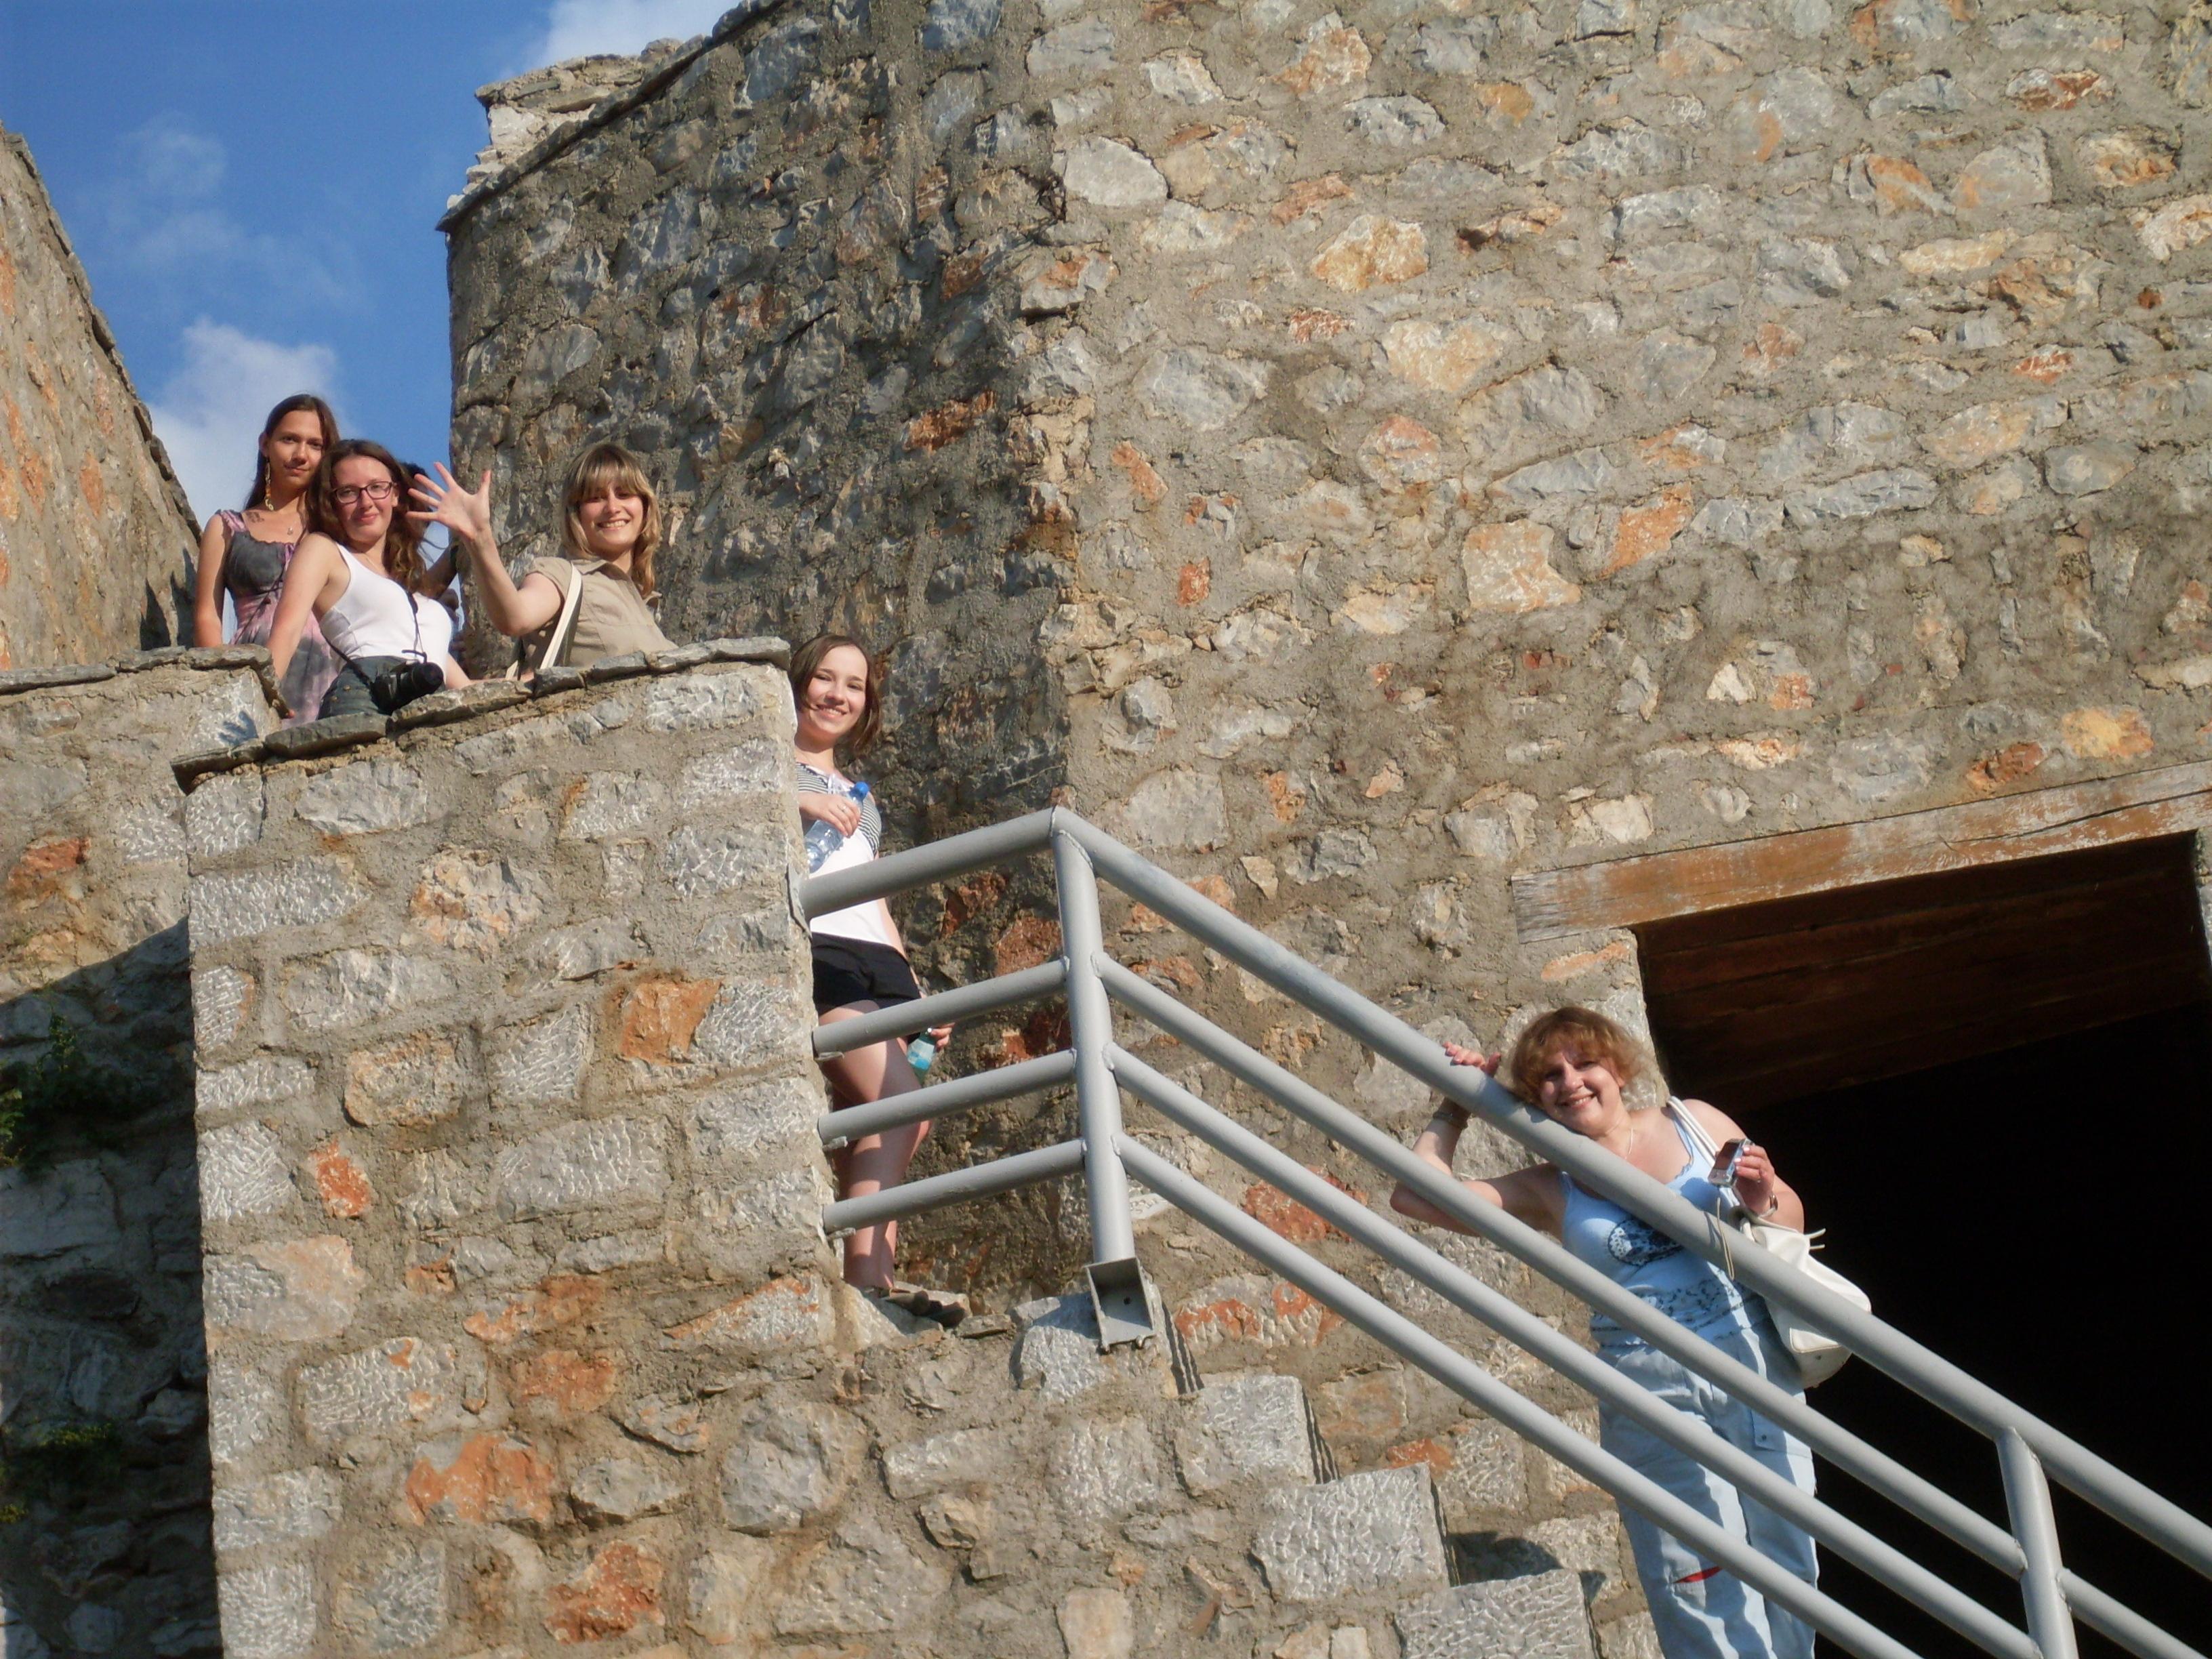 Професорката Елена Верижникова со последната група дипломци на Самоиловите кули во Охрид.